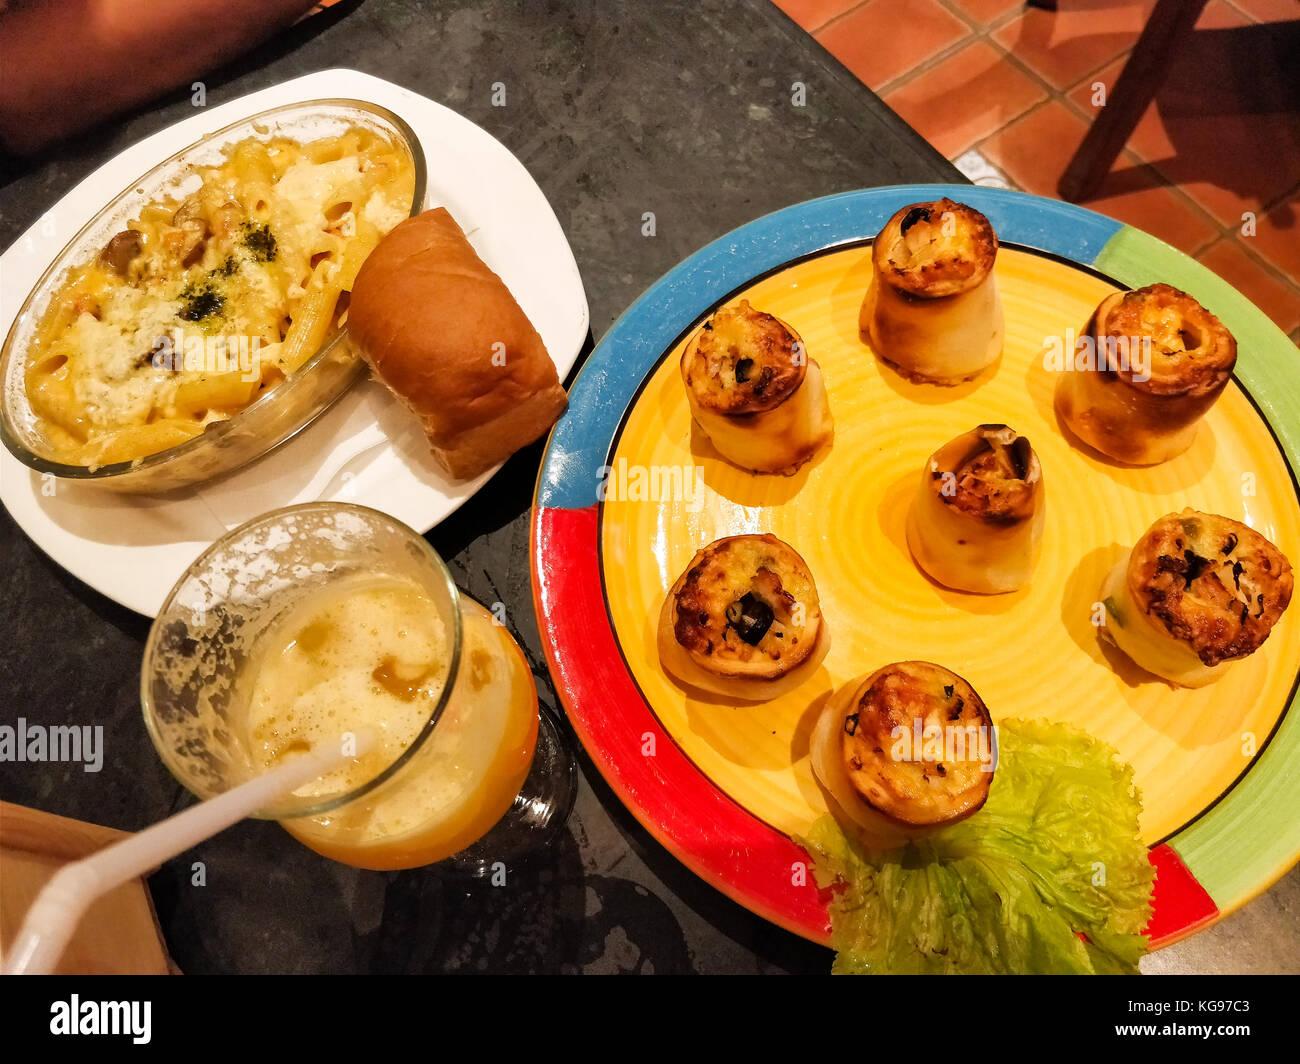 Brunch italiano con poppers, lasagne, pane all'aglio e mocktail drink servito su piastre colorate Immagini Stock